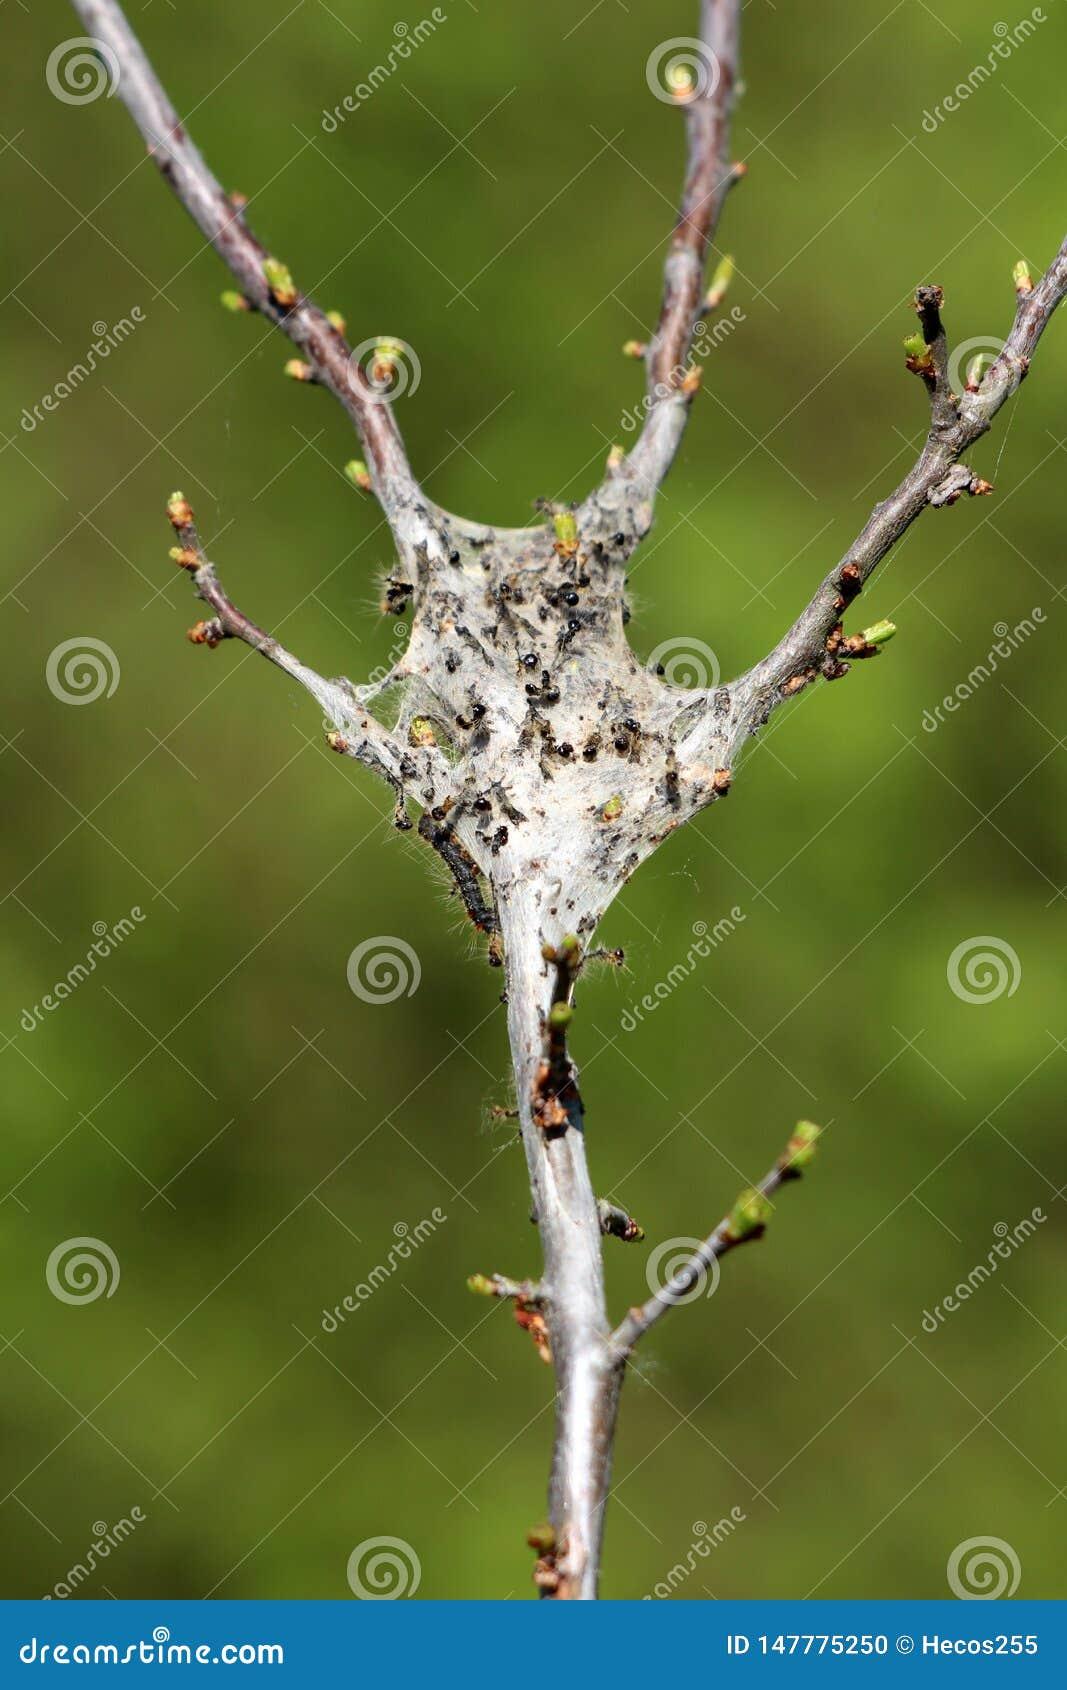 用密集的老蜘蛛网充分报道的树枝小蚂蚁和毛虫在绿色叶子背景